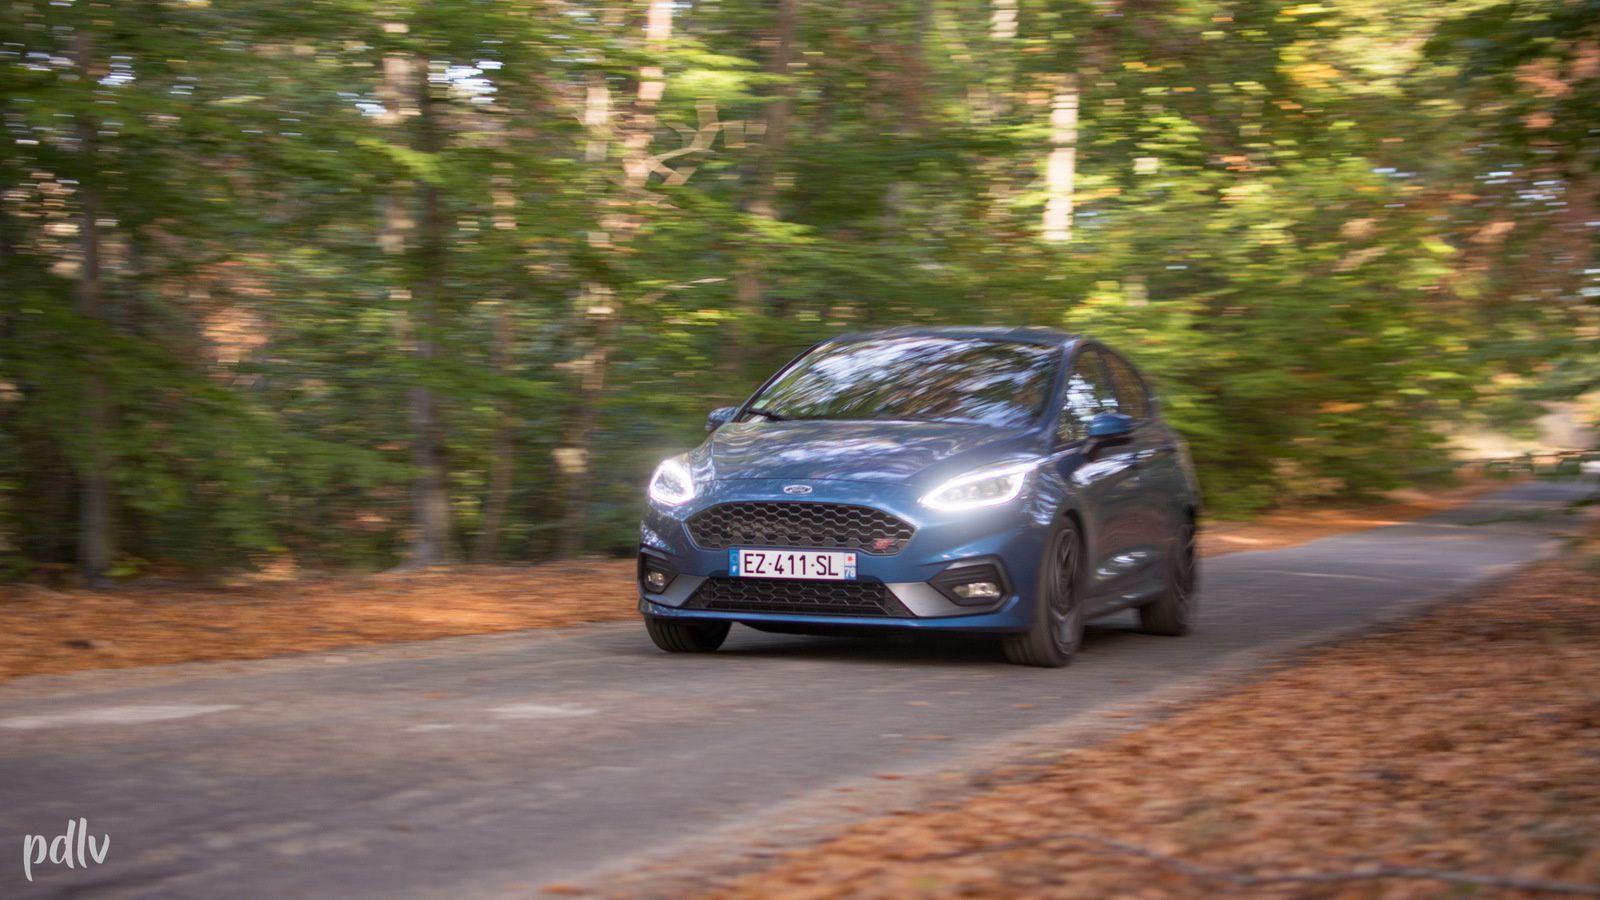 Ford Fiesta ST 1.5 EcoBoost 200 : la meilleure de sa catégorie ?